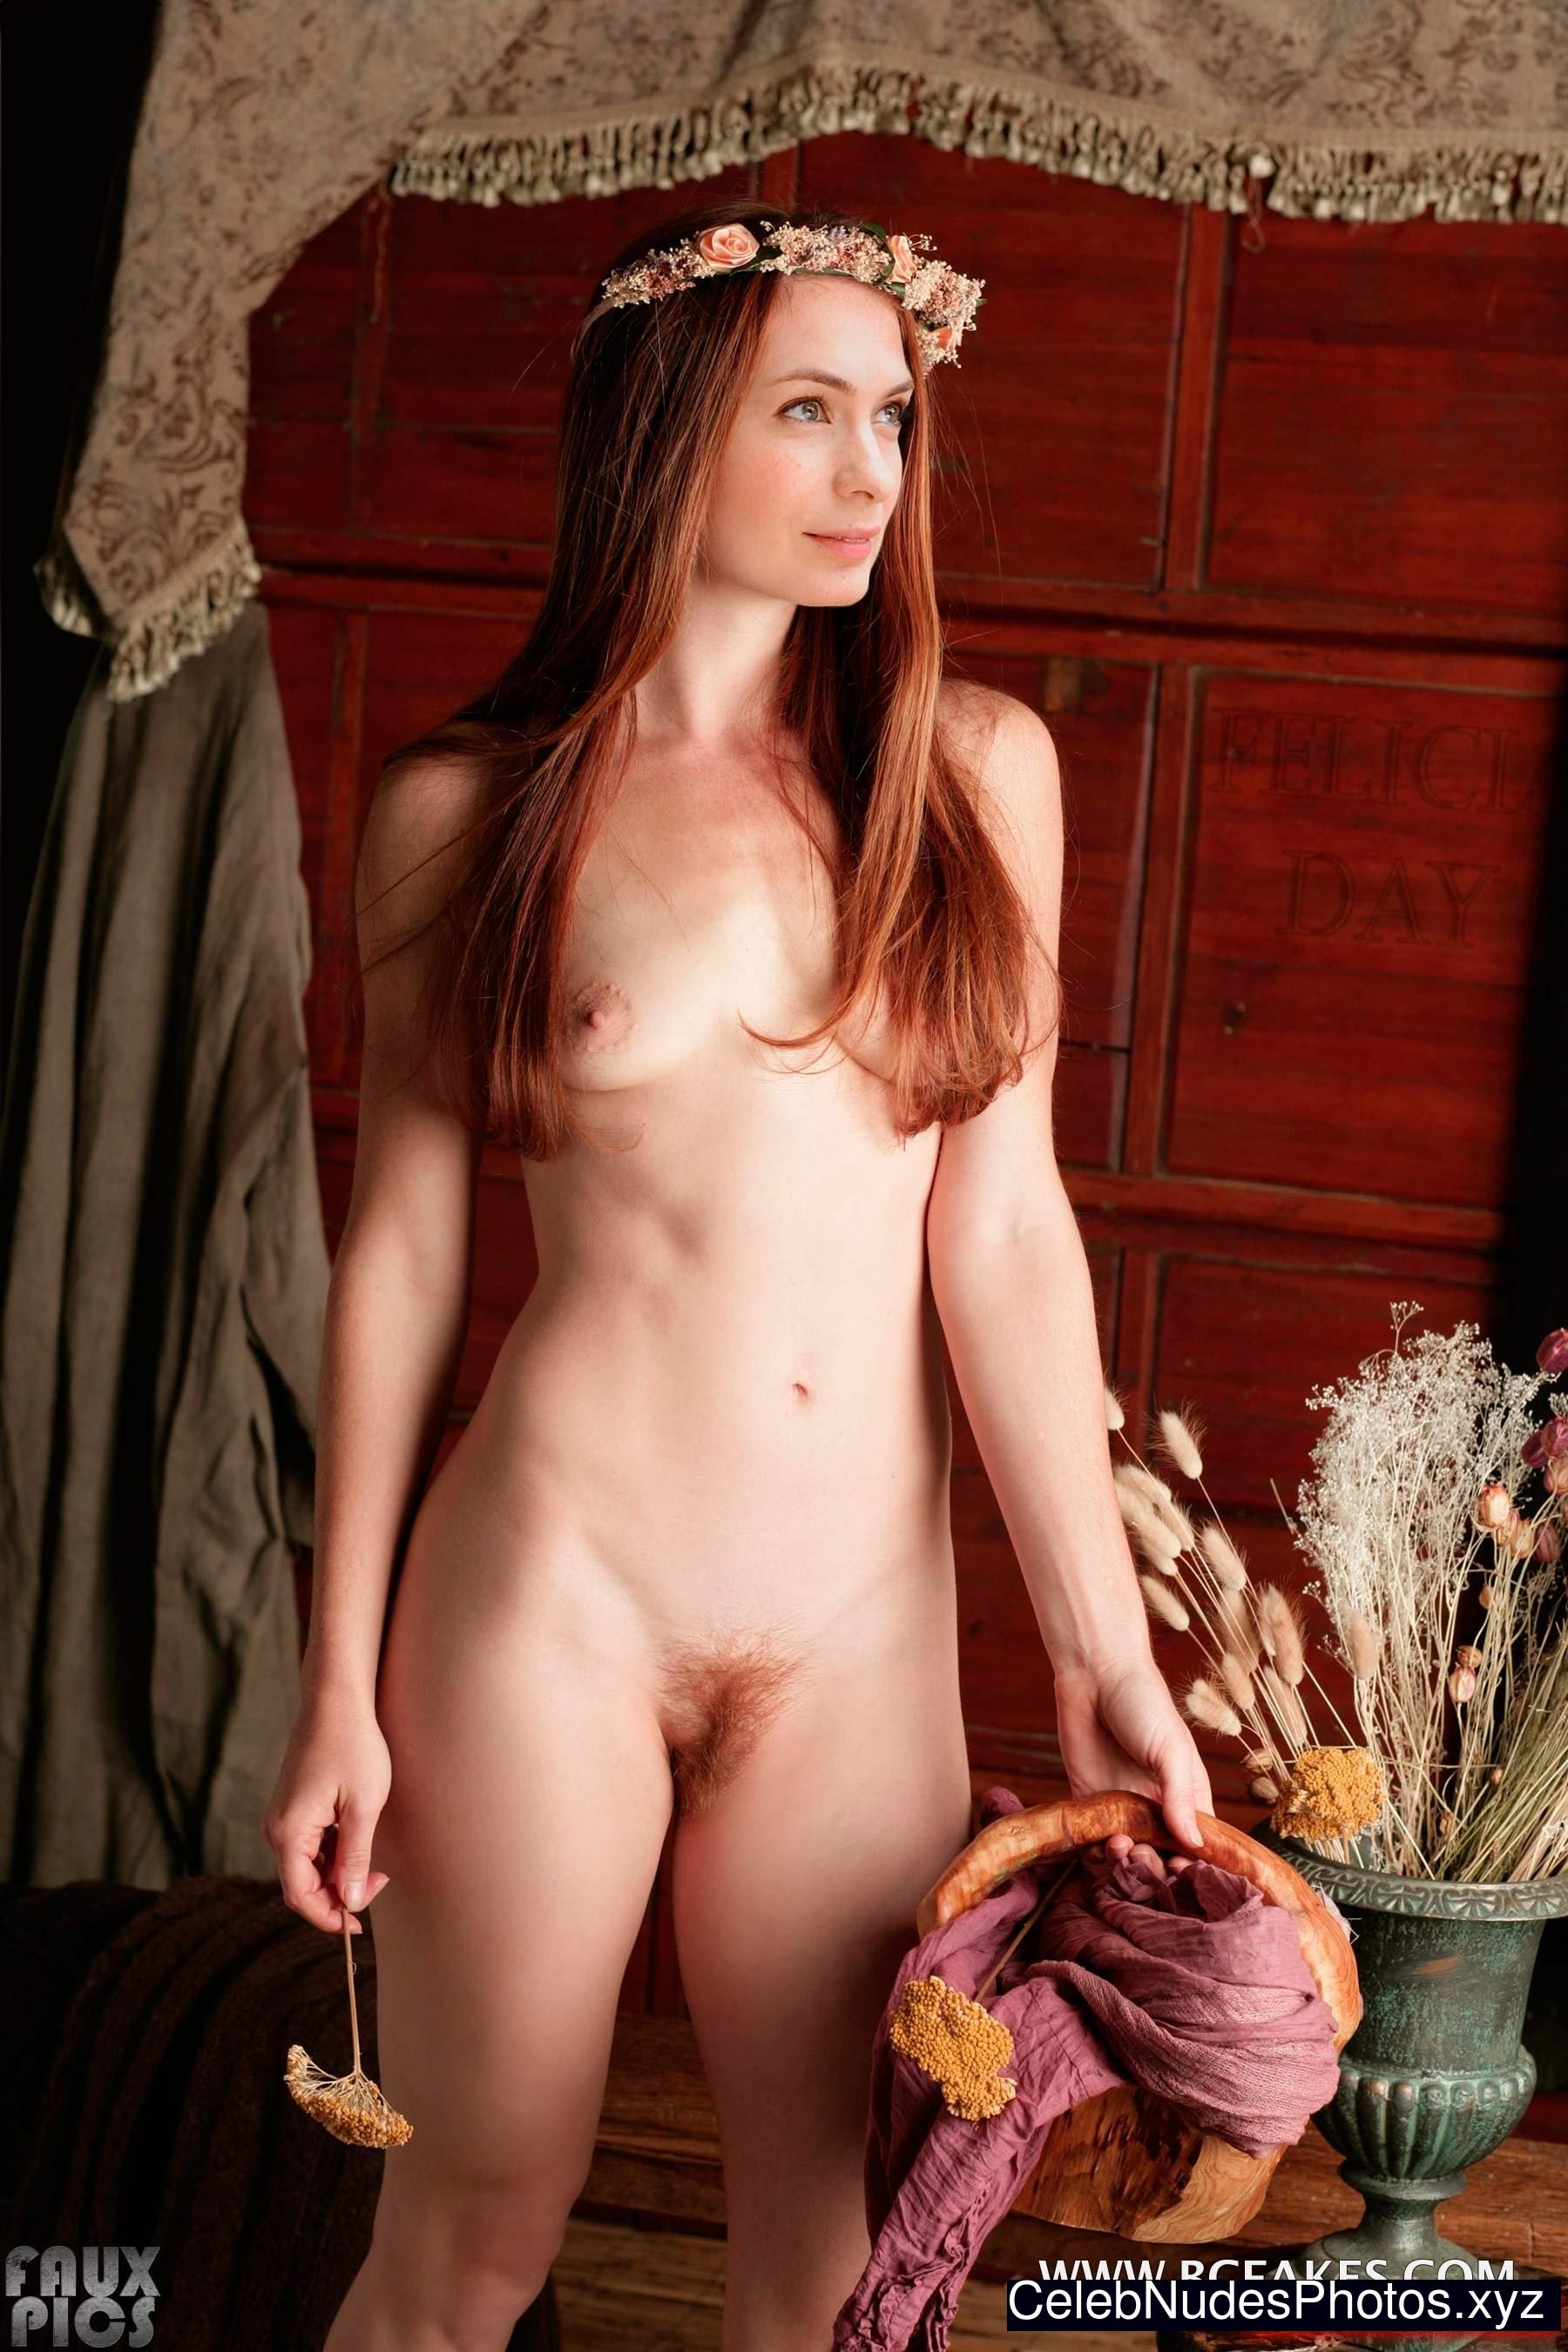 Unusual naked female tits